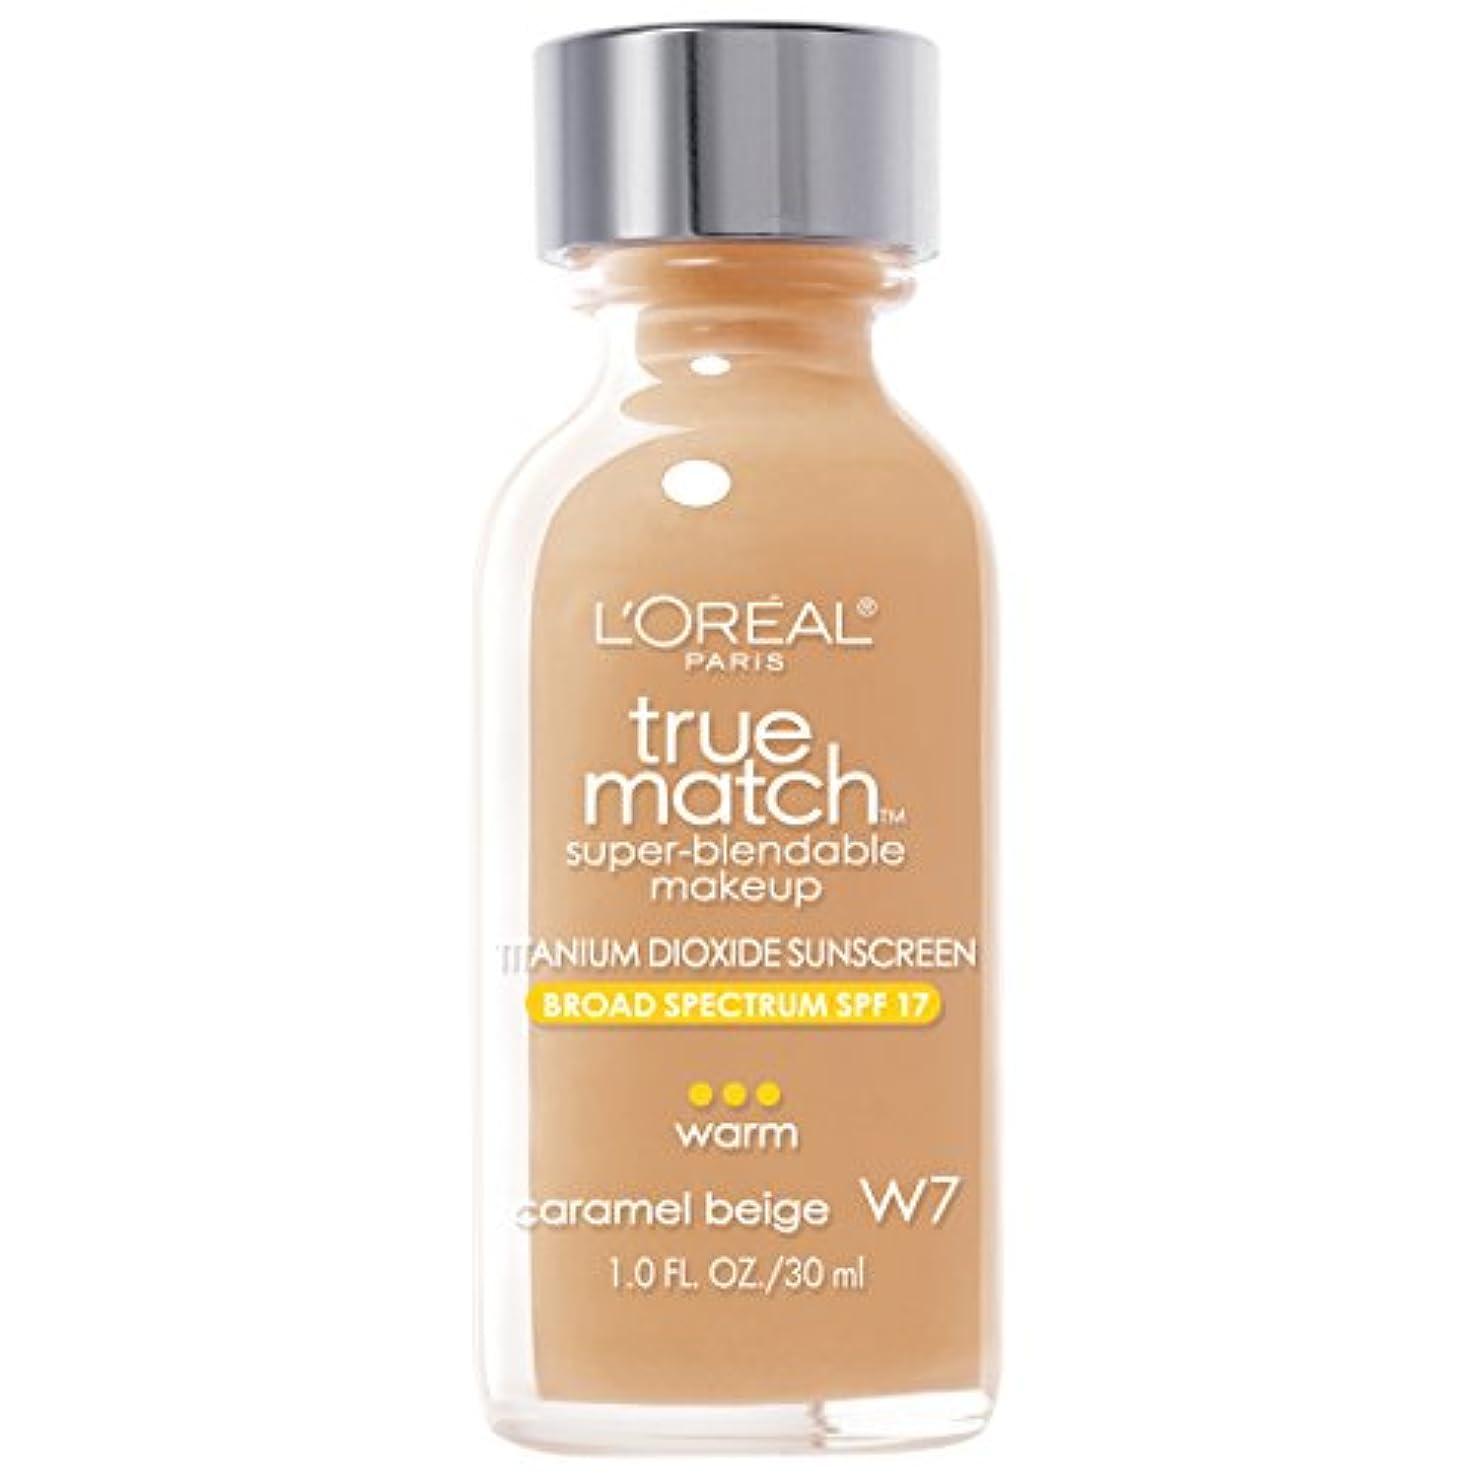 誘う繰り返し固体L'Oréal True Match Super-Blendable Foundation Makeup (CARAMEL BEIGE)